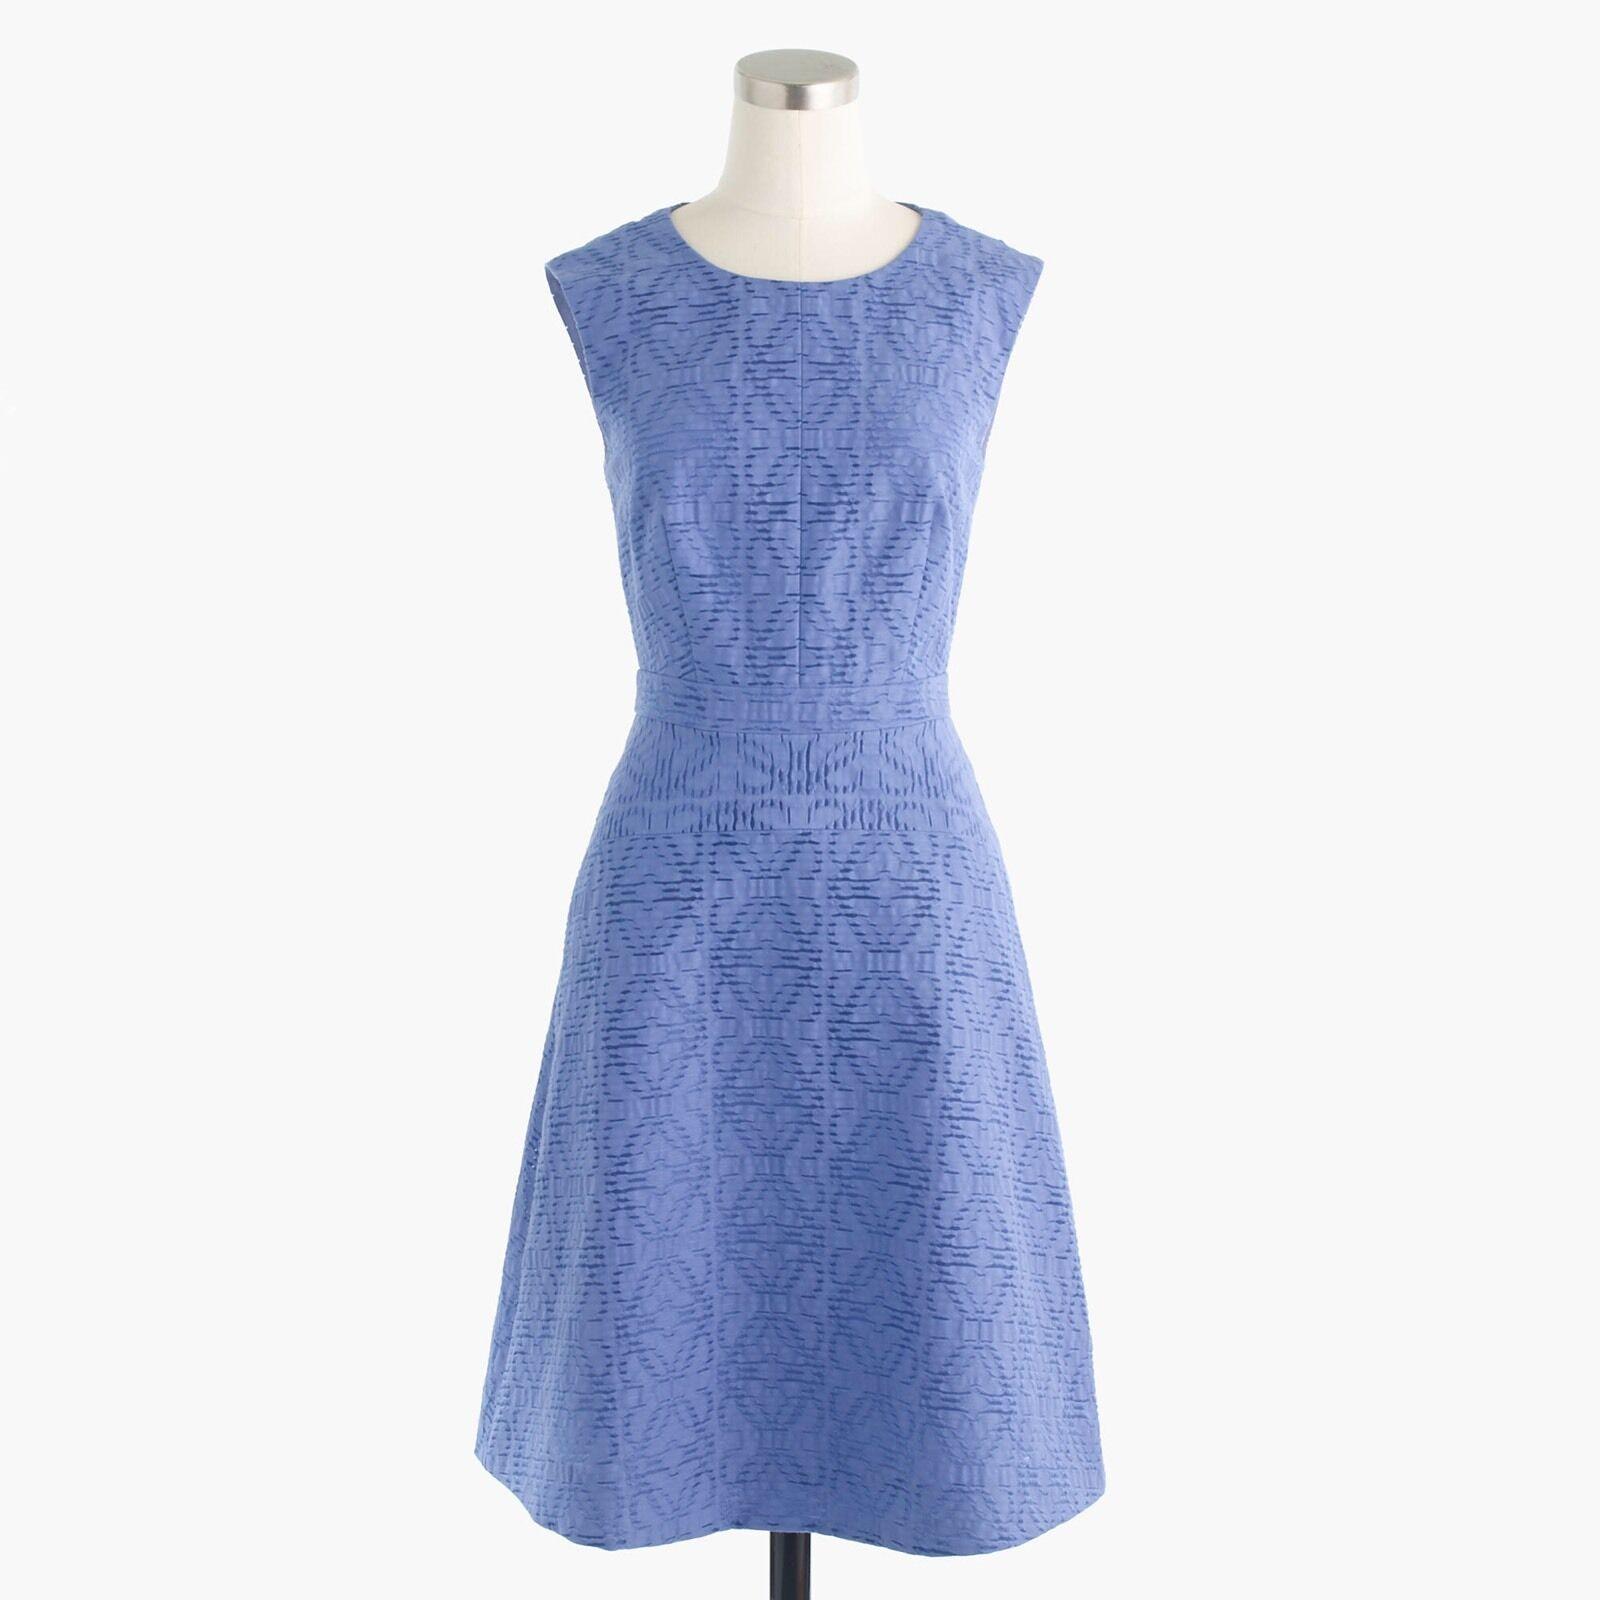 Vestido  nuevo con etiquetas Jcrew con textura Ojal Jacquard en azul claro talla 00  las mejores marcas venden barato